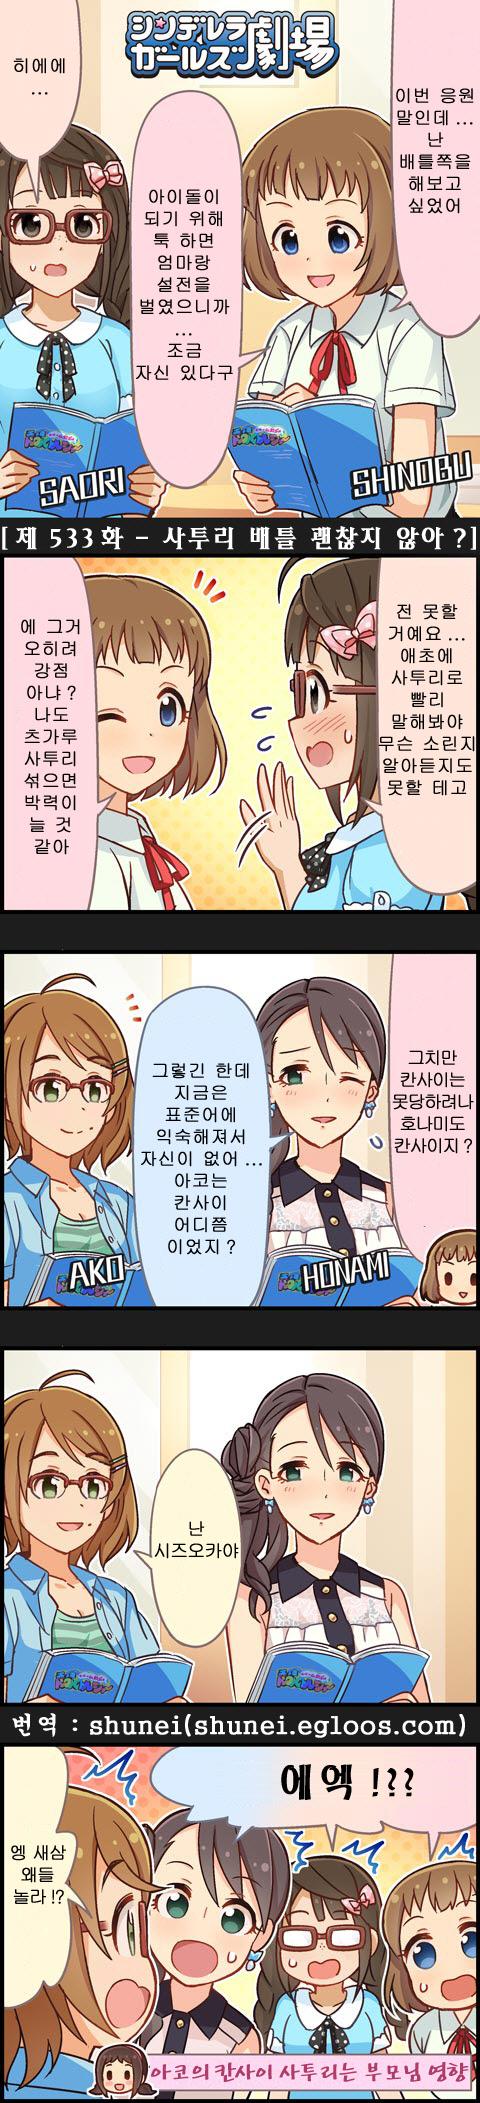 신데렐라 걸즈 극장 533화